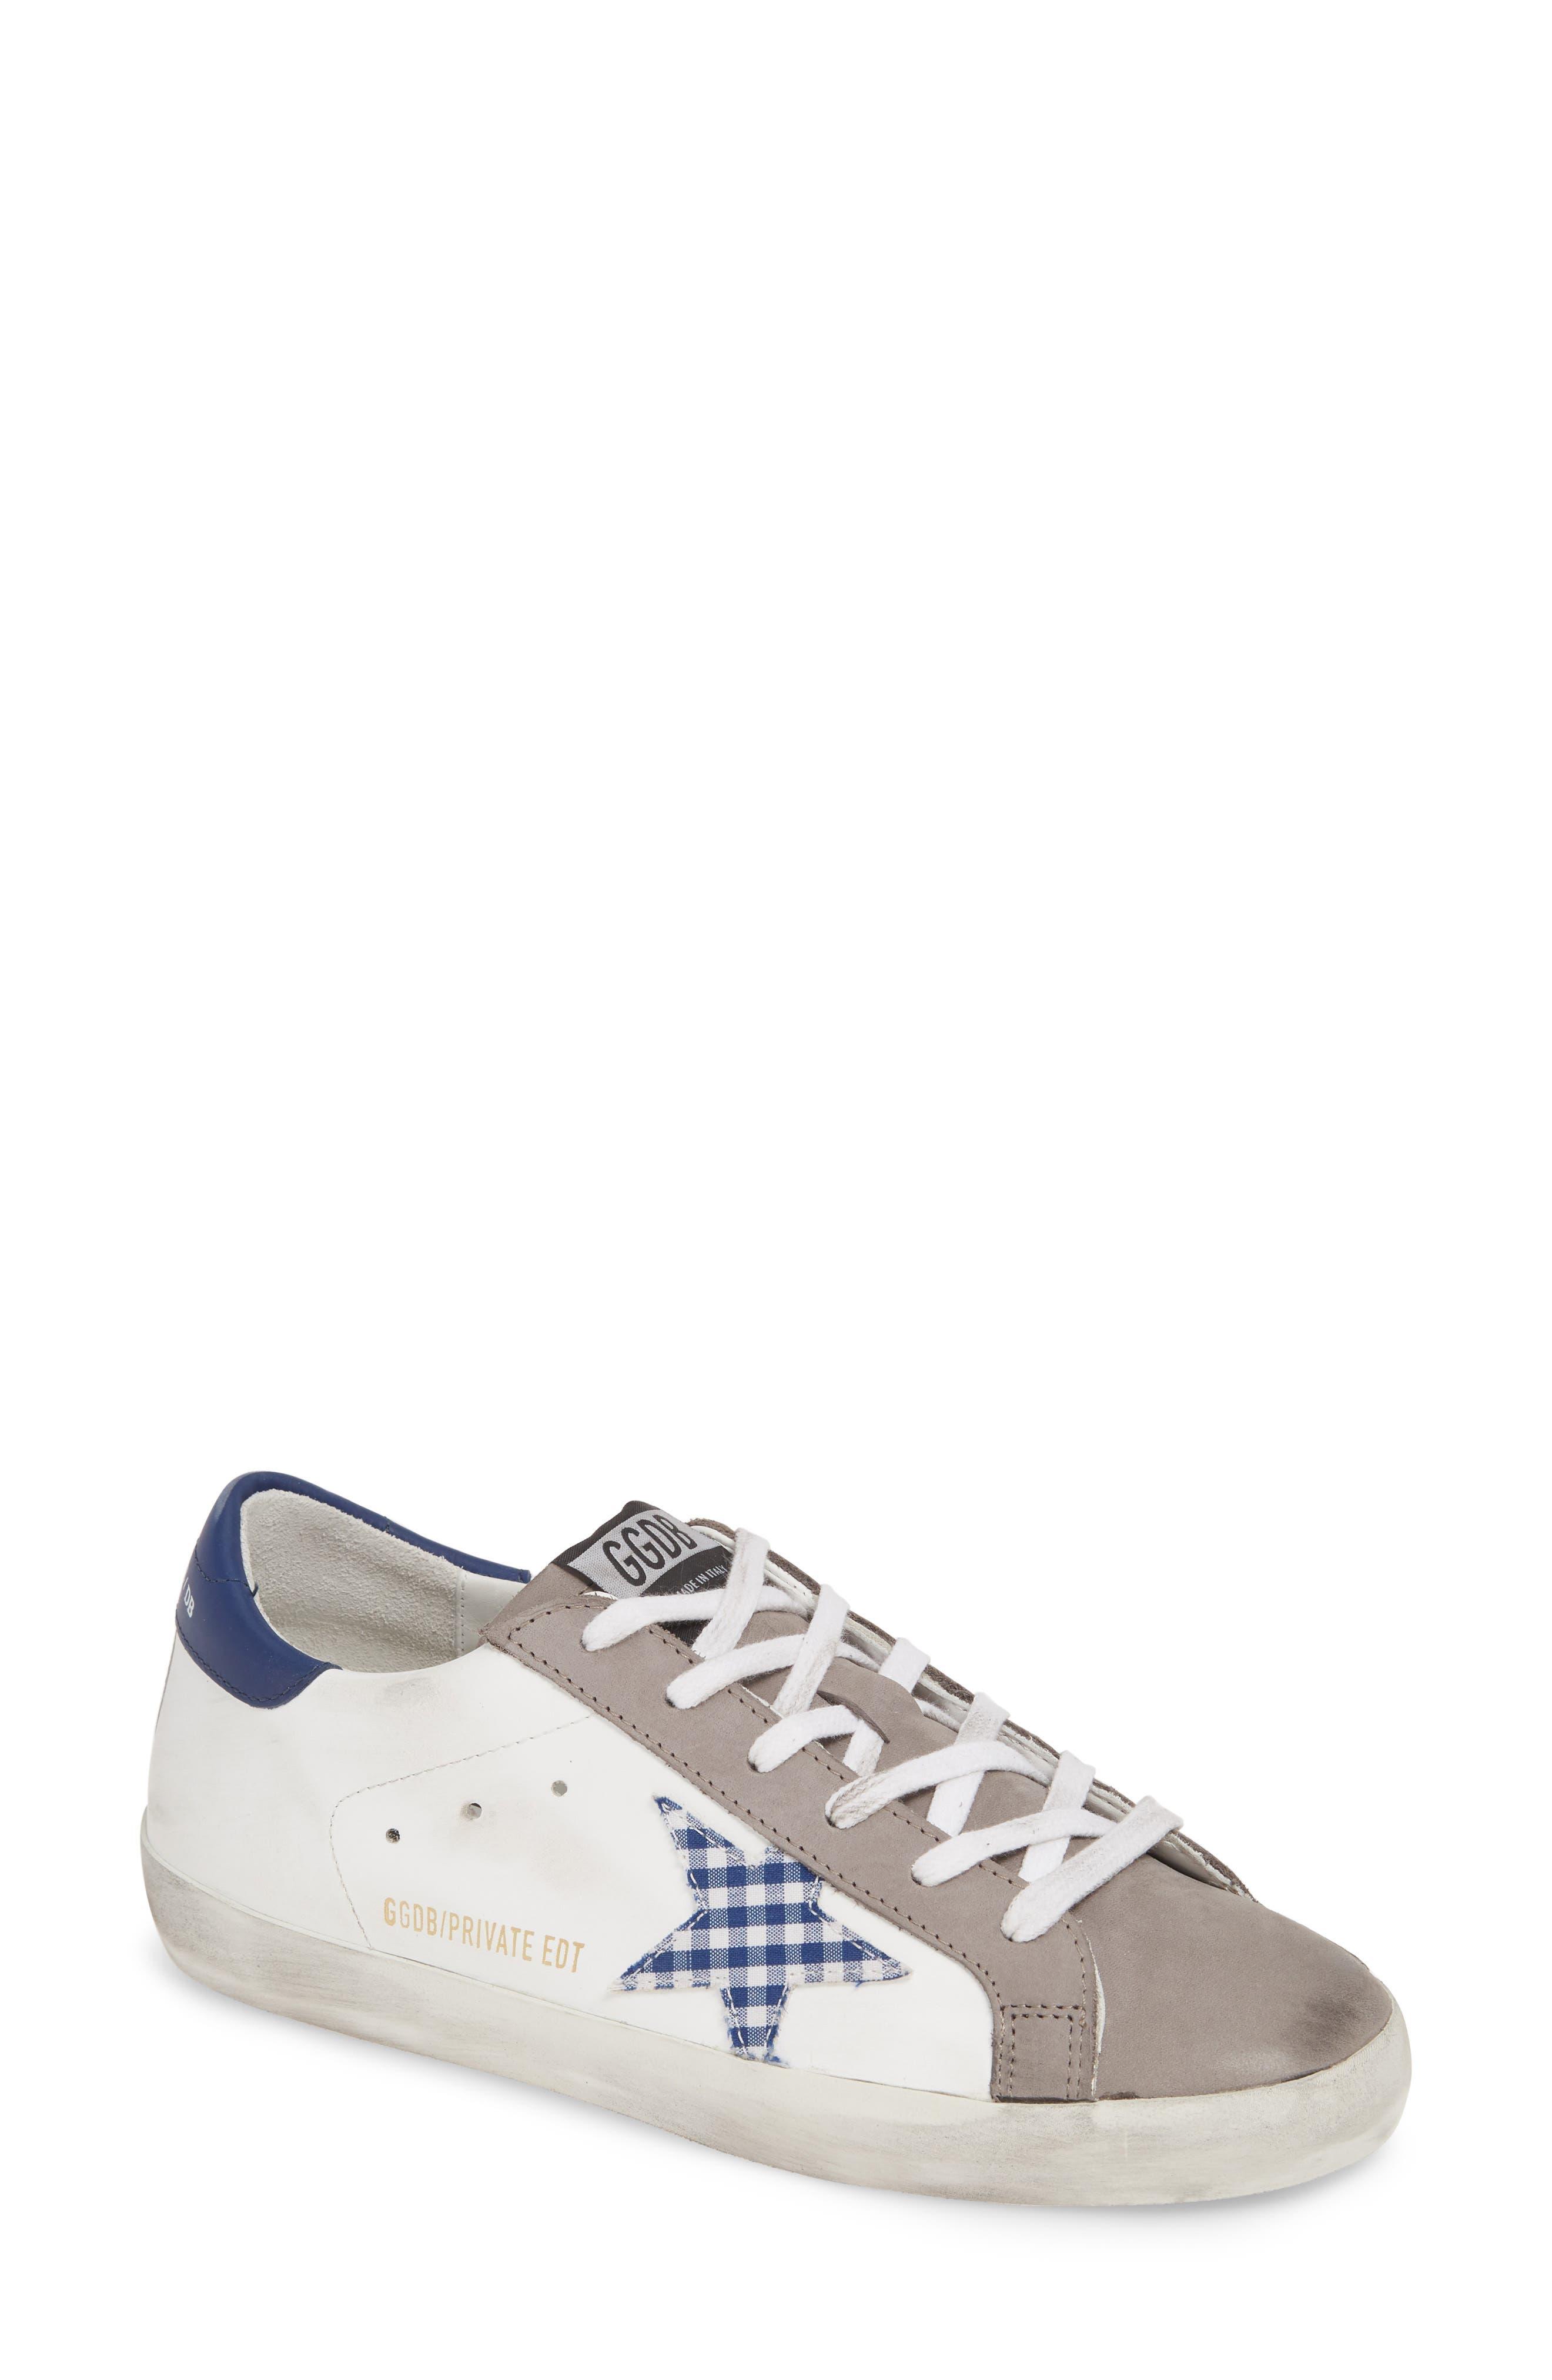 Women's Sneakers \u0026 Running Shoes